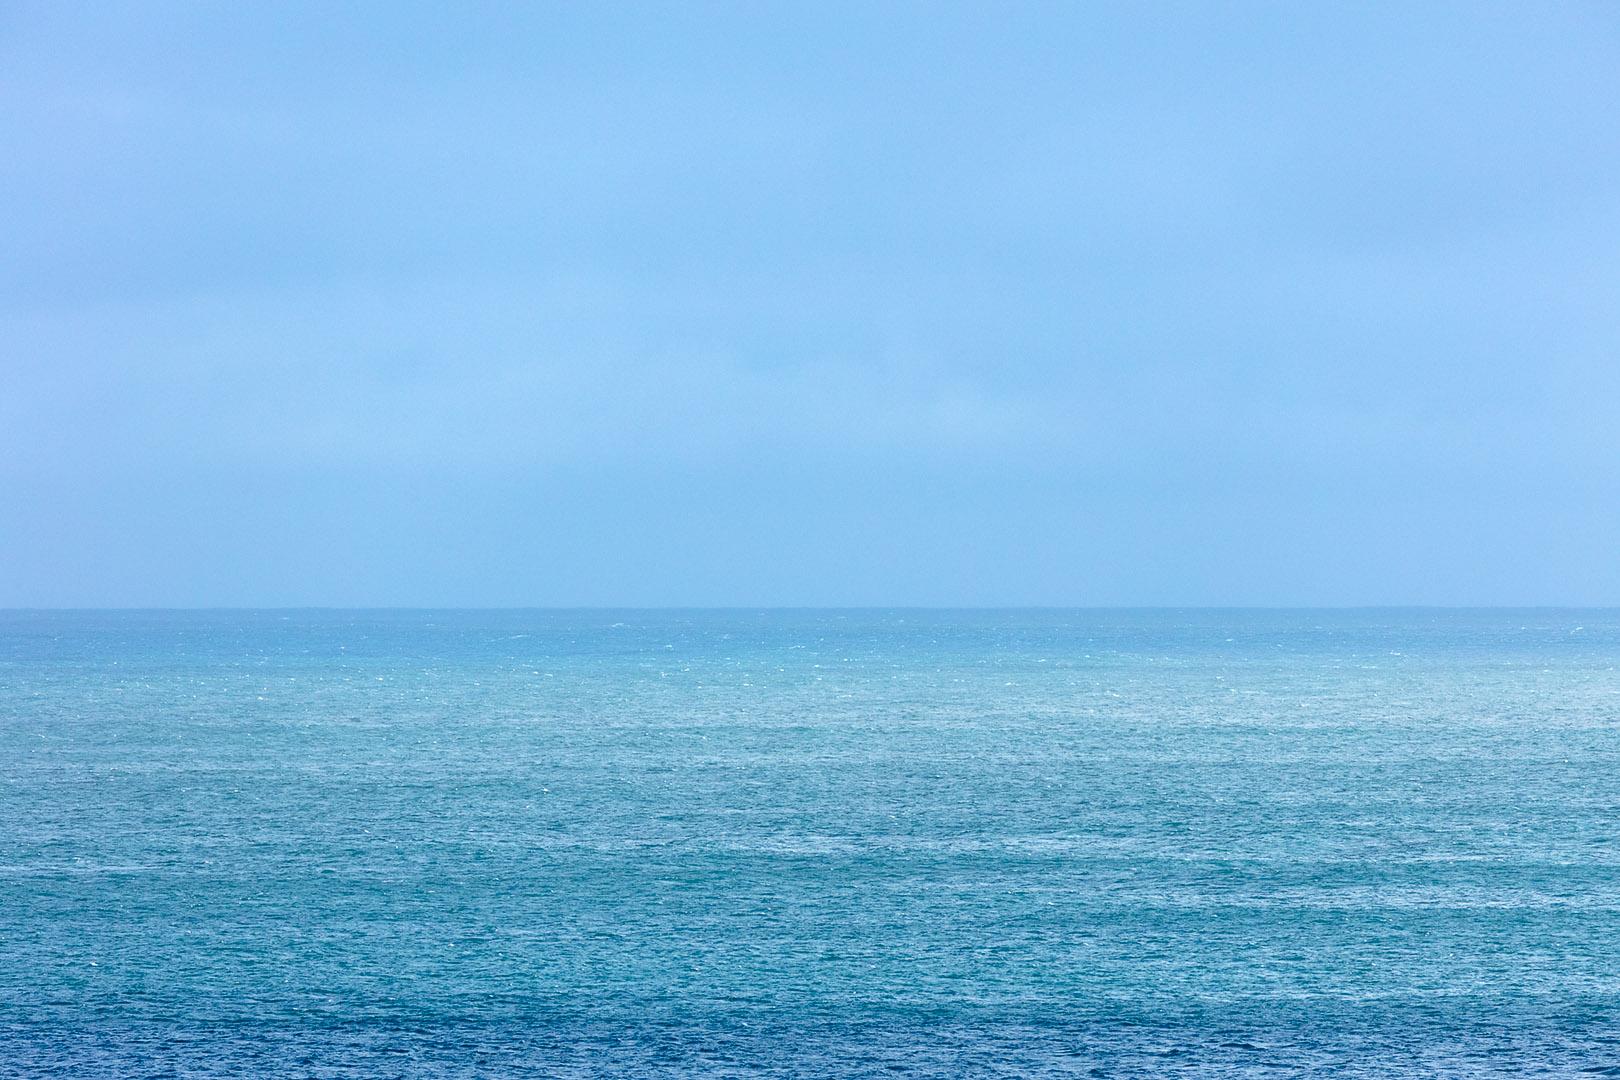 Eriskay Sea